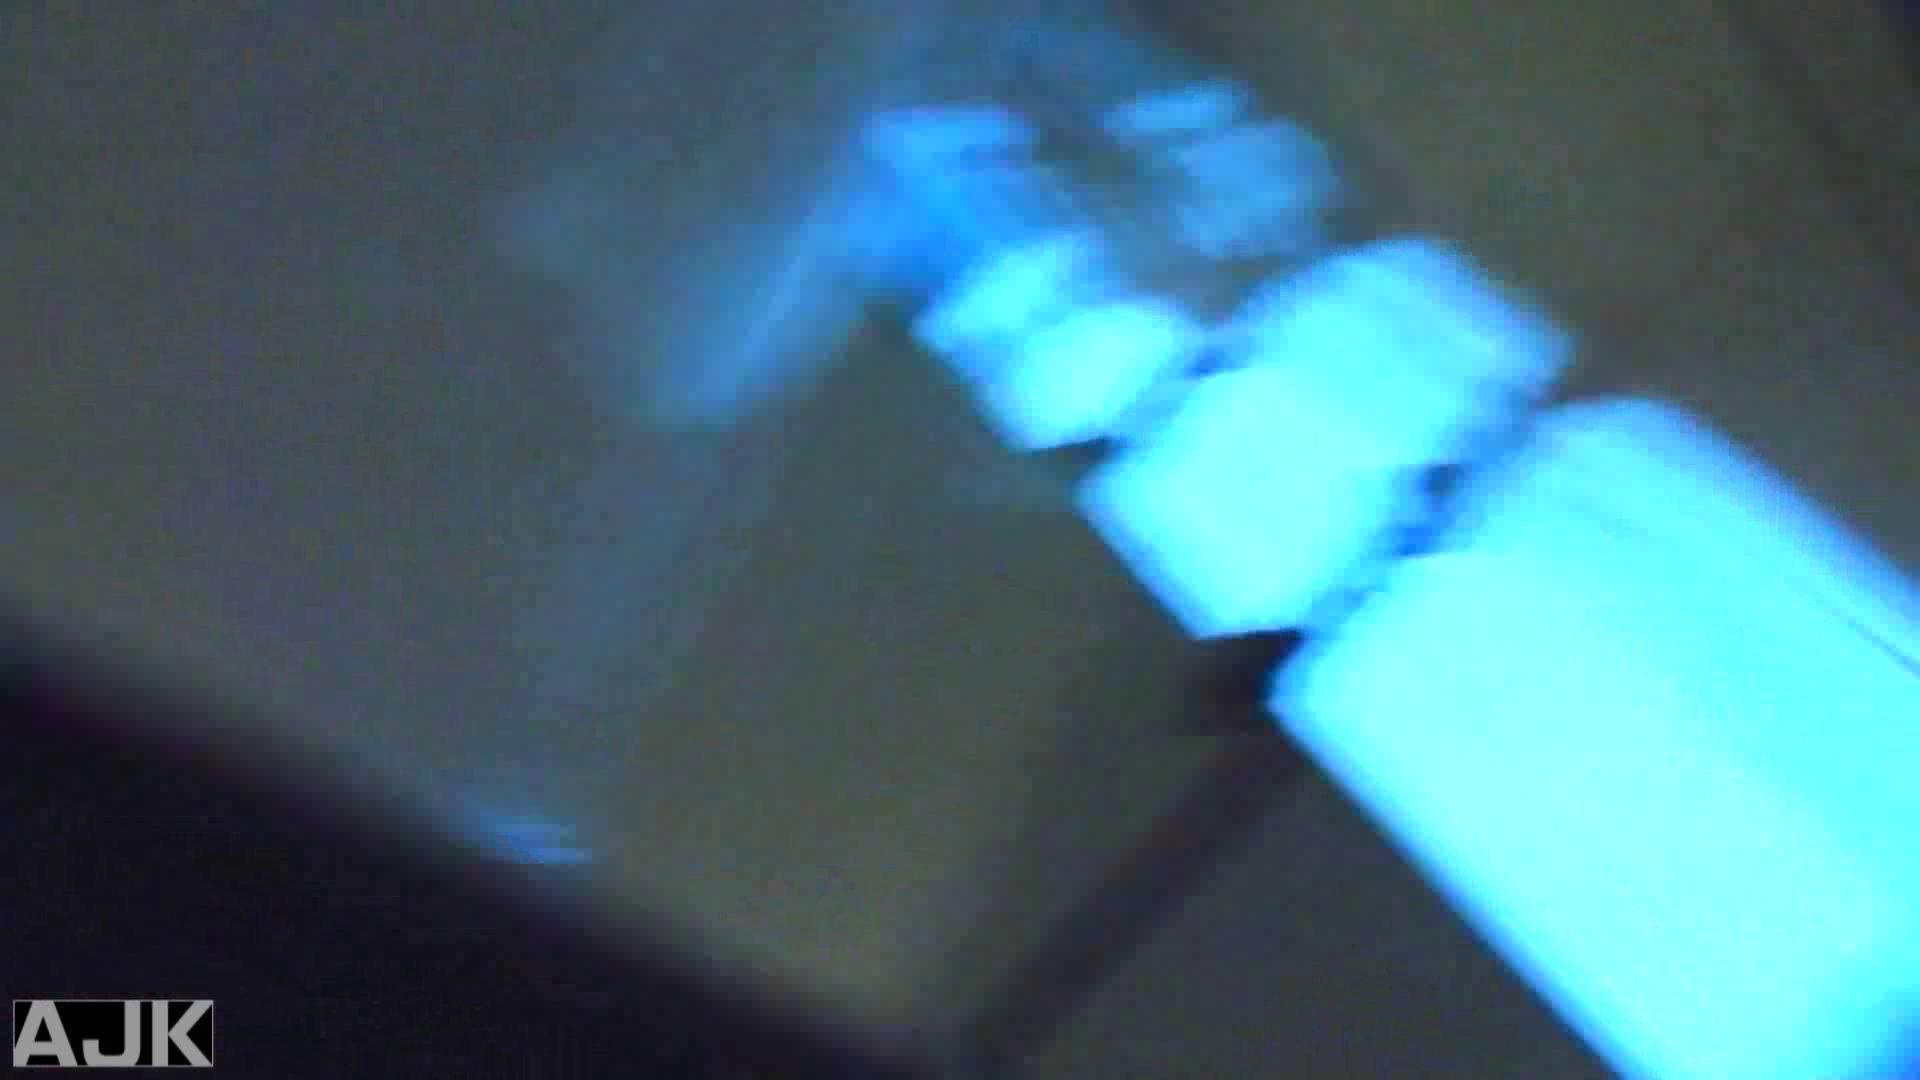 神降臨!史上最強の潜入かわや! vol.23 潜入突撃 盗撮動画紹介 96pic 53